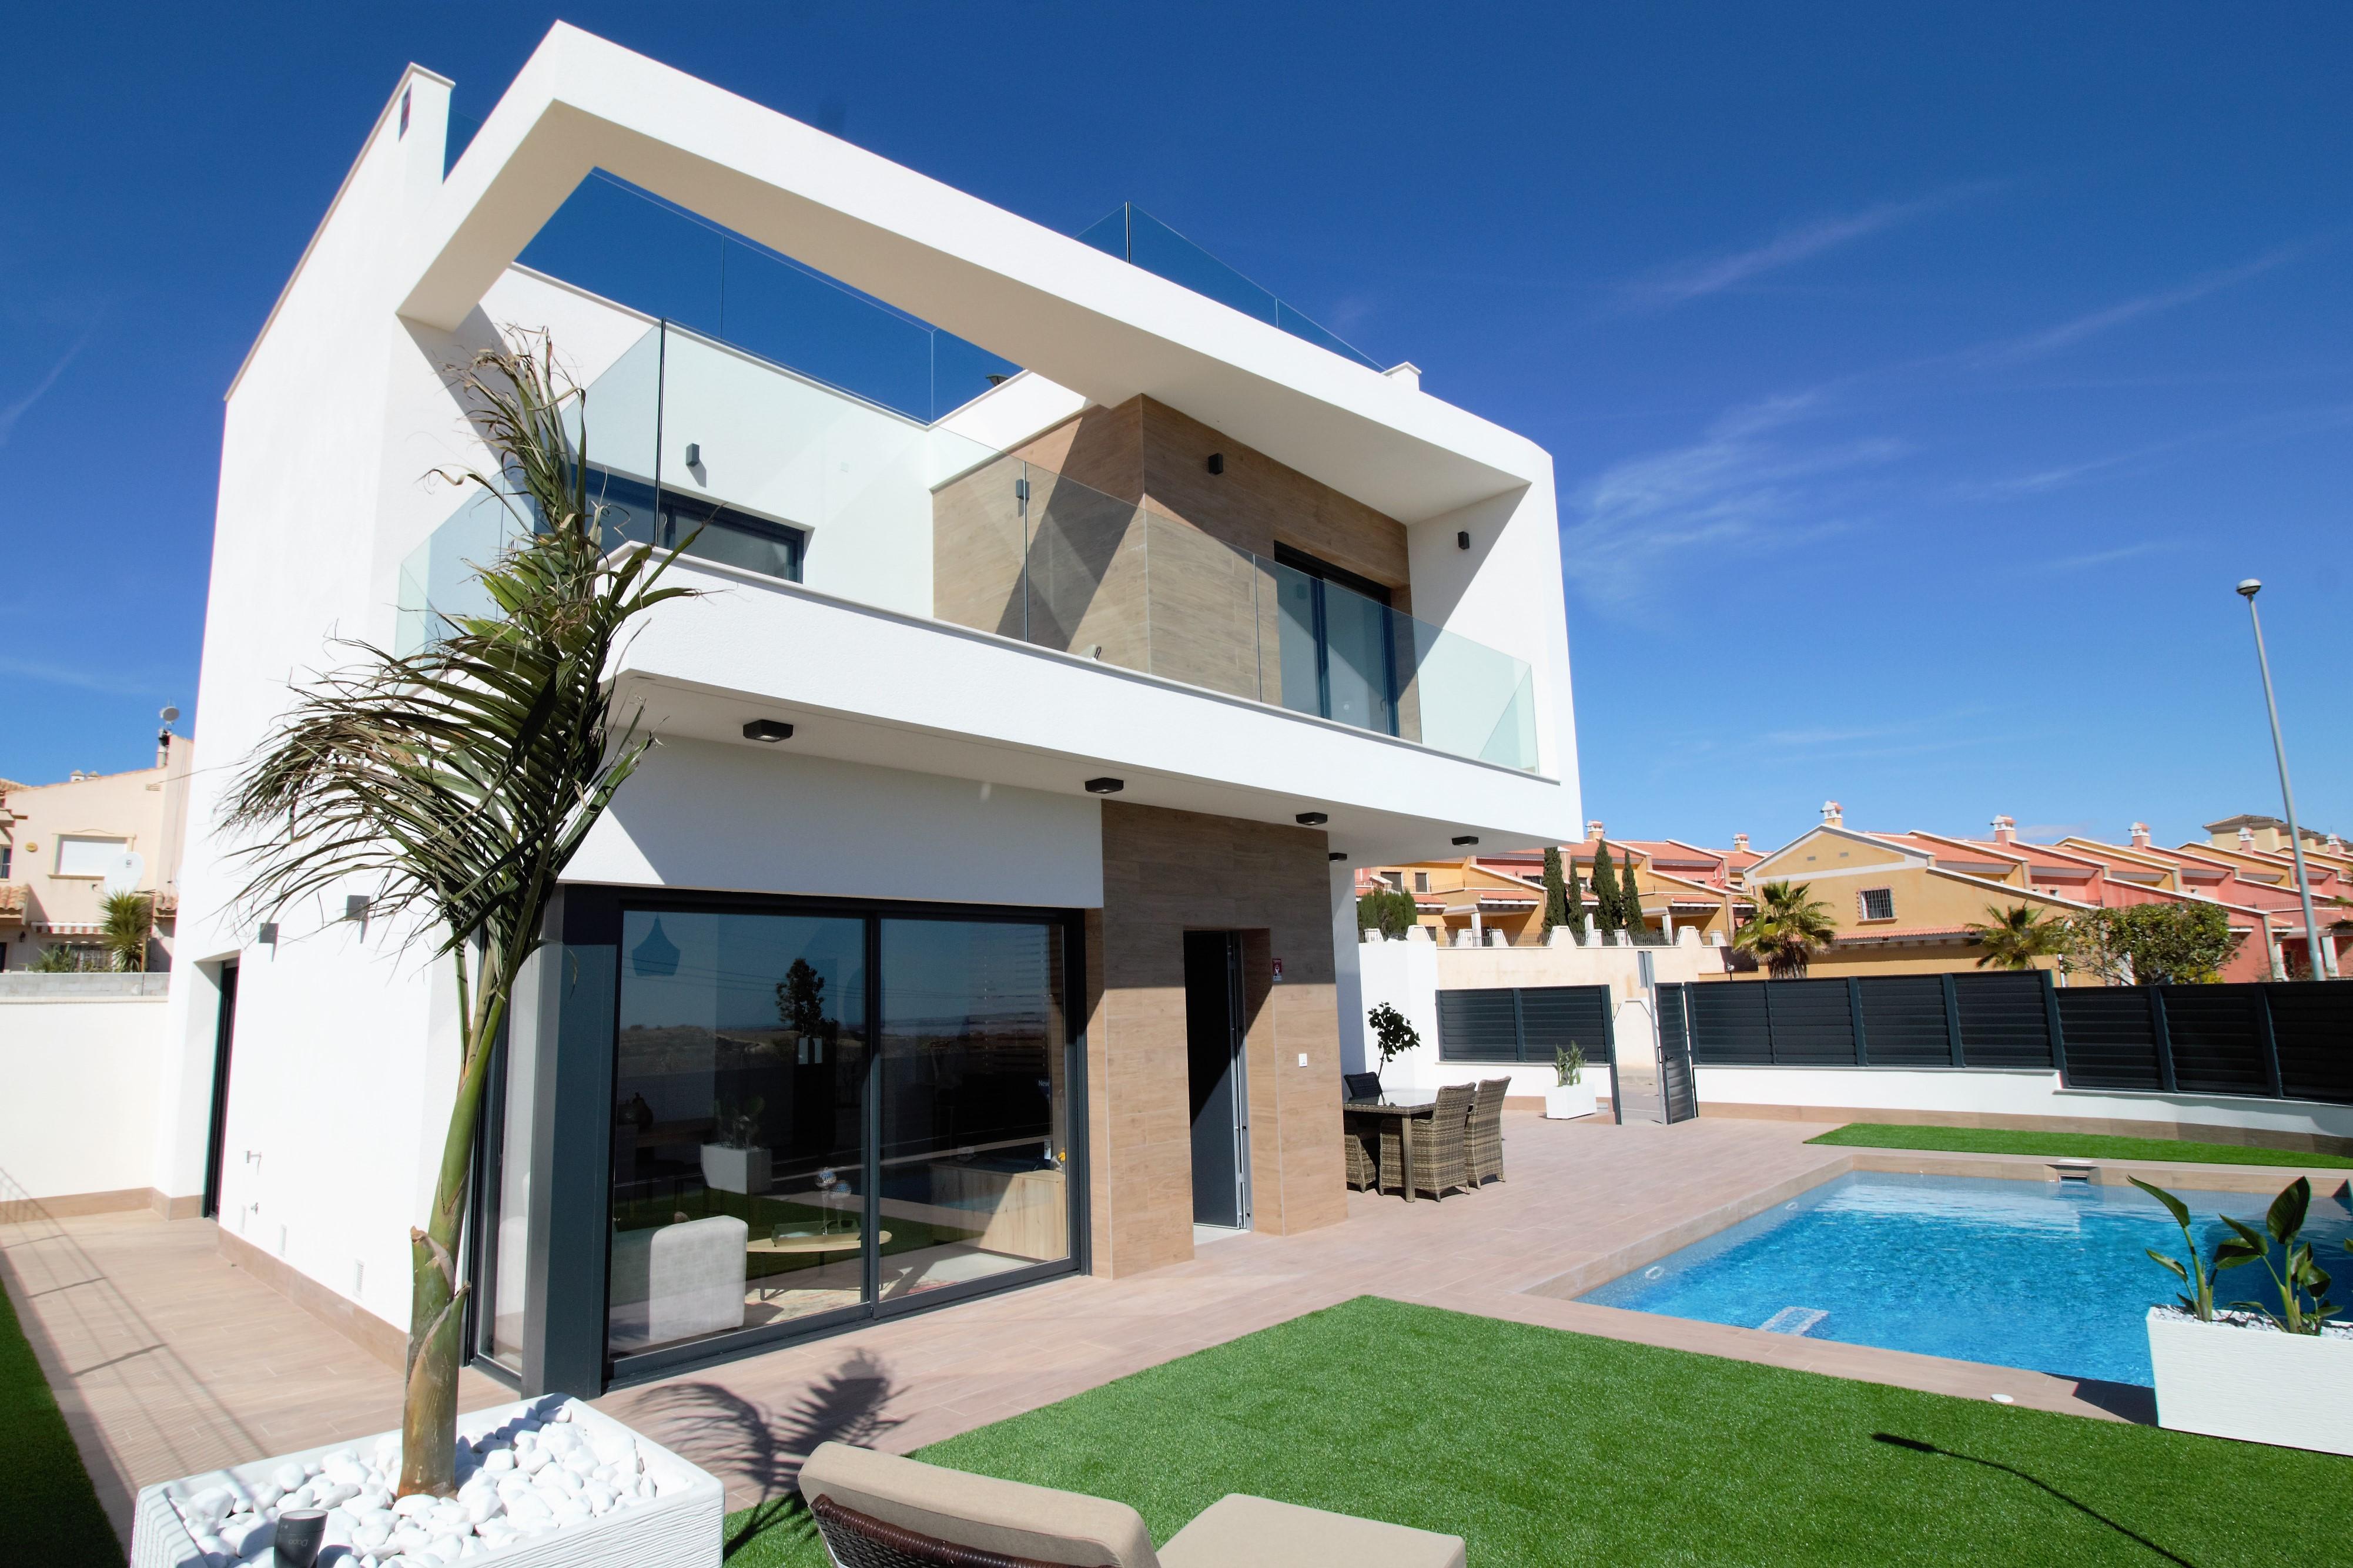 Villa vendre san miguel de salinas clickforthesun for Go fit piscinas san miguel telefono